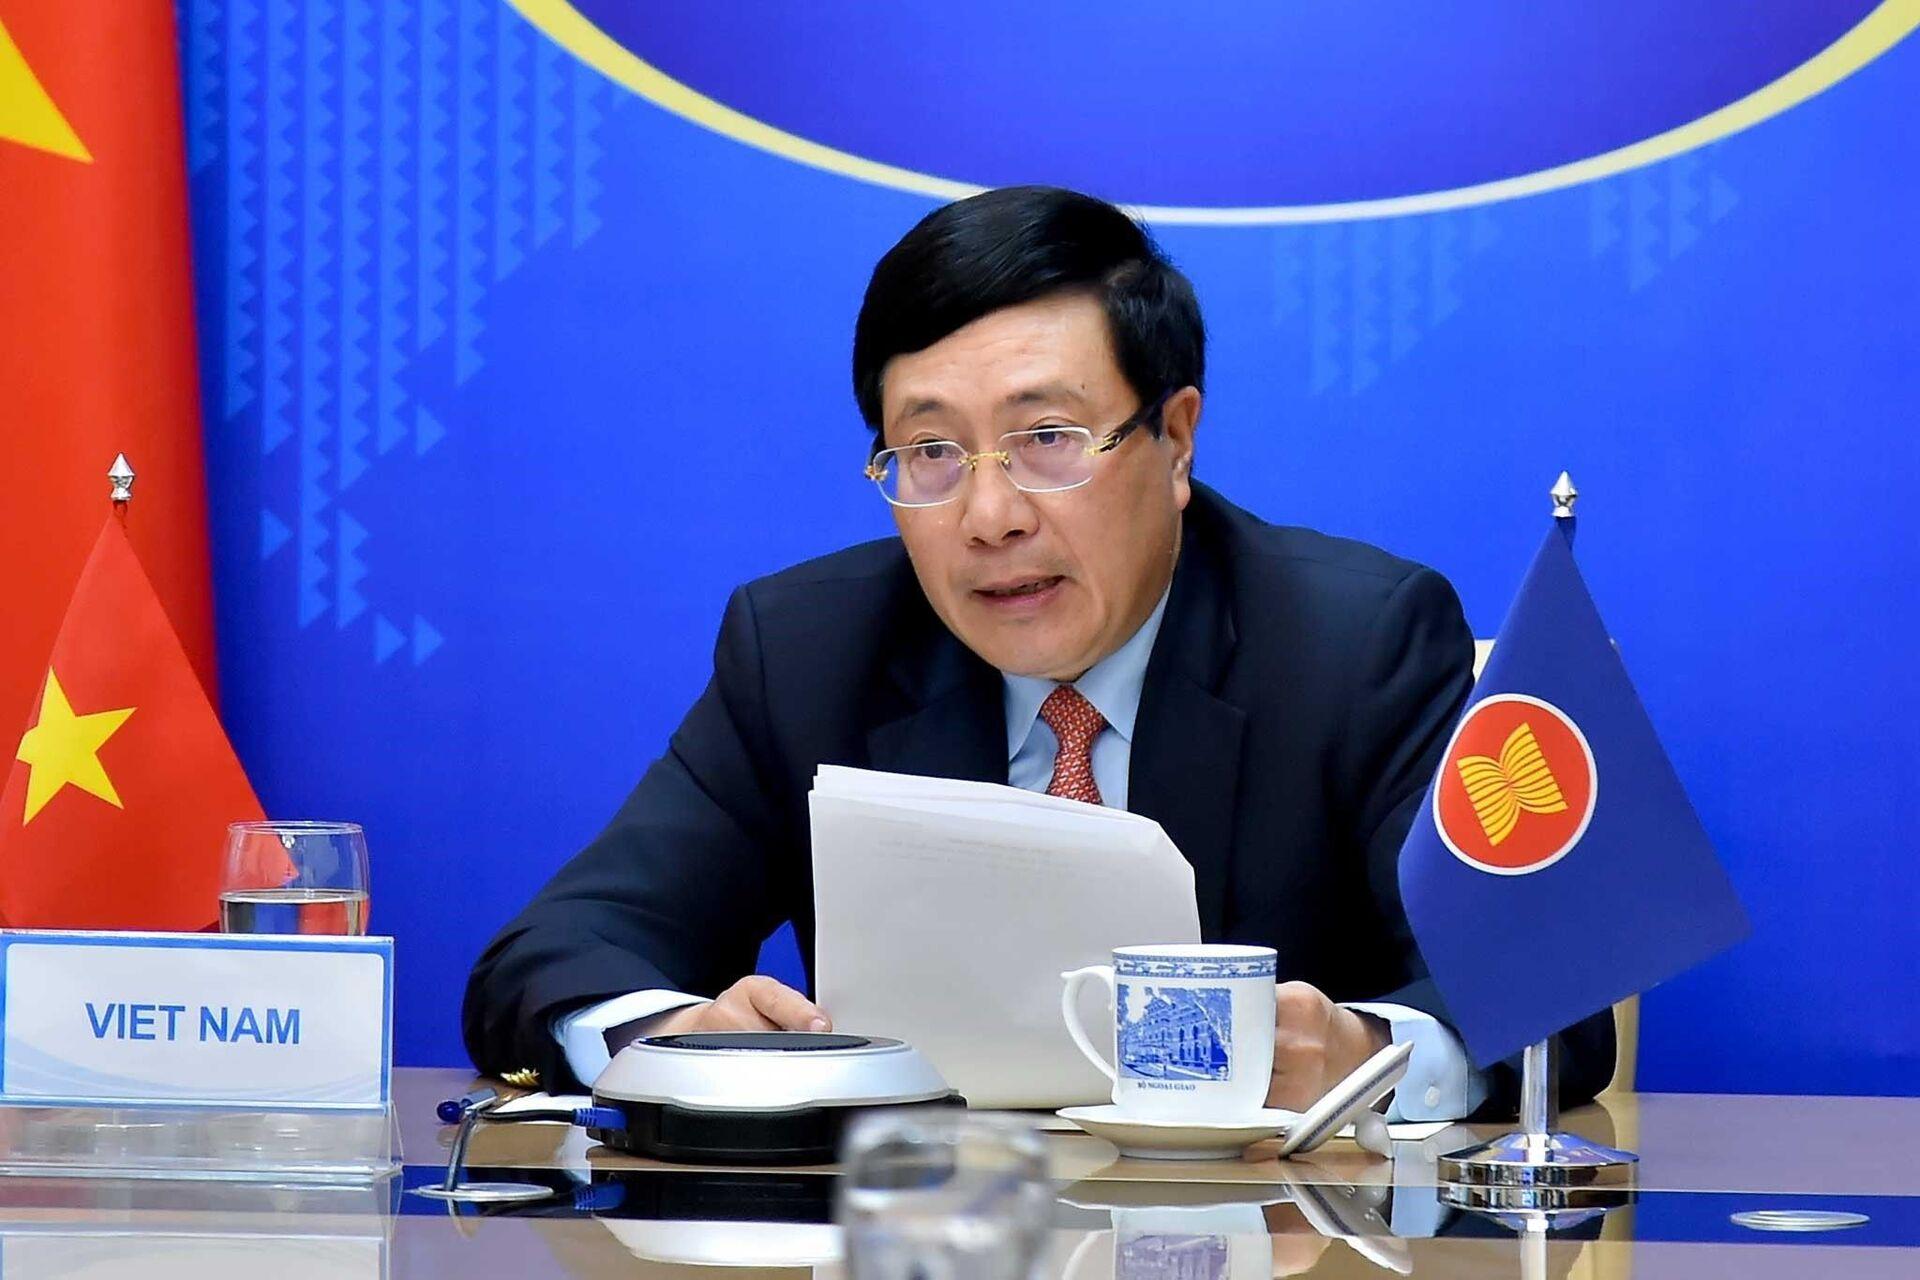 Việt Nam ứng cử thành viên Hội đồng Nhân quyền LHQ: Bớt 'chọc gậy bánh xe' - Sputnik Việt Nam, 1920, 25.03.2021